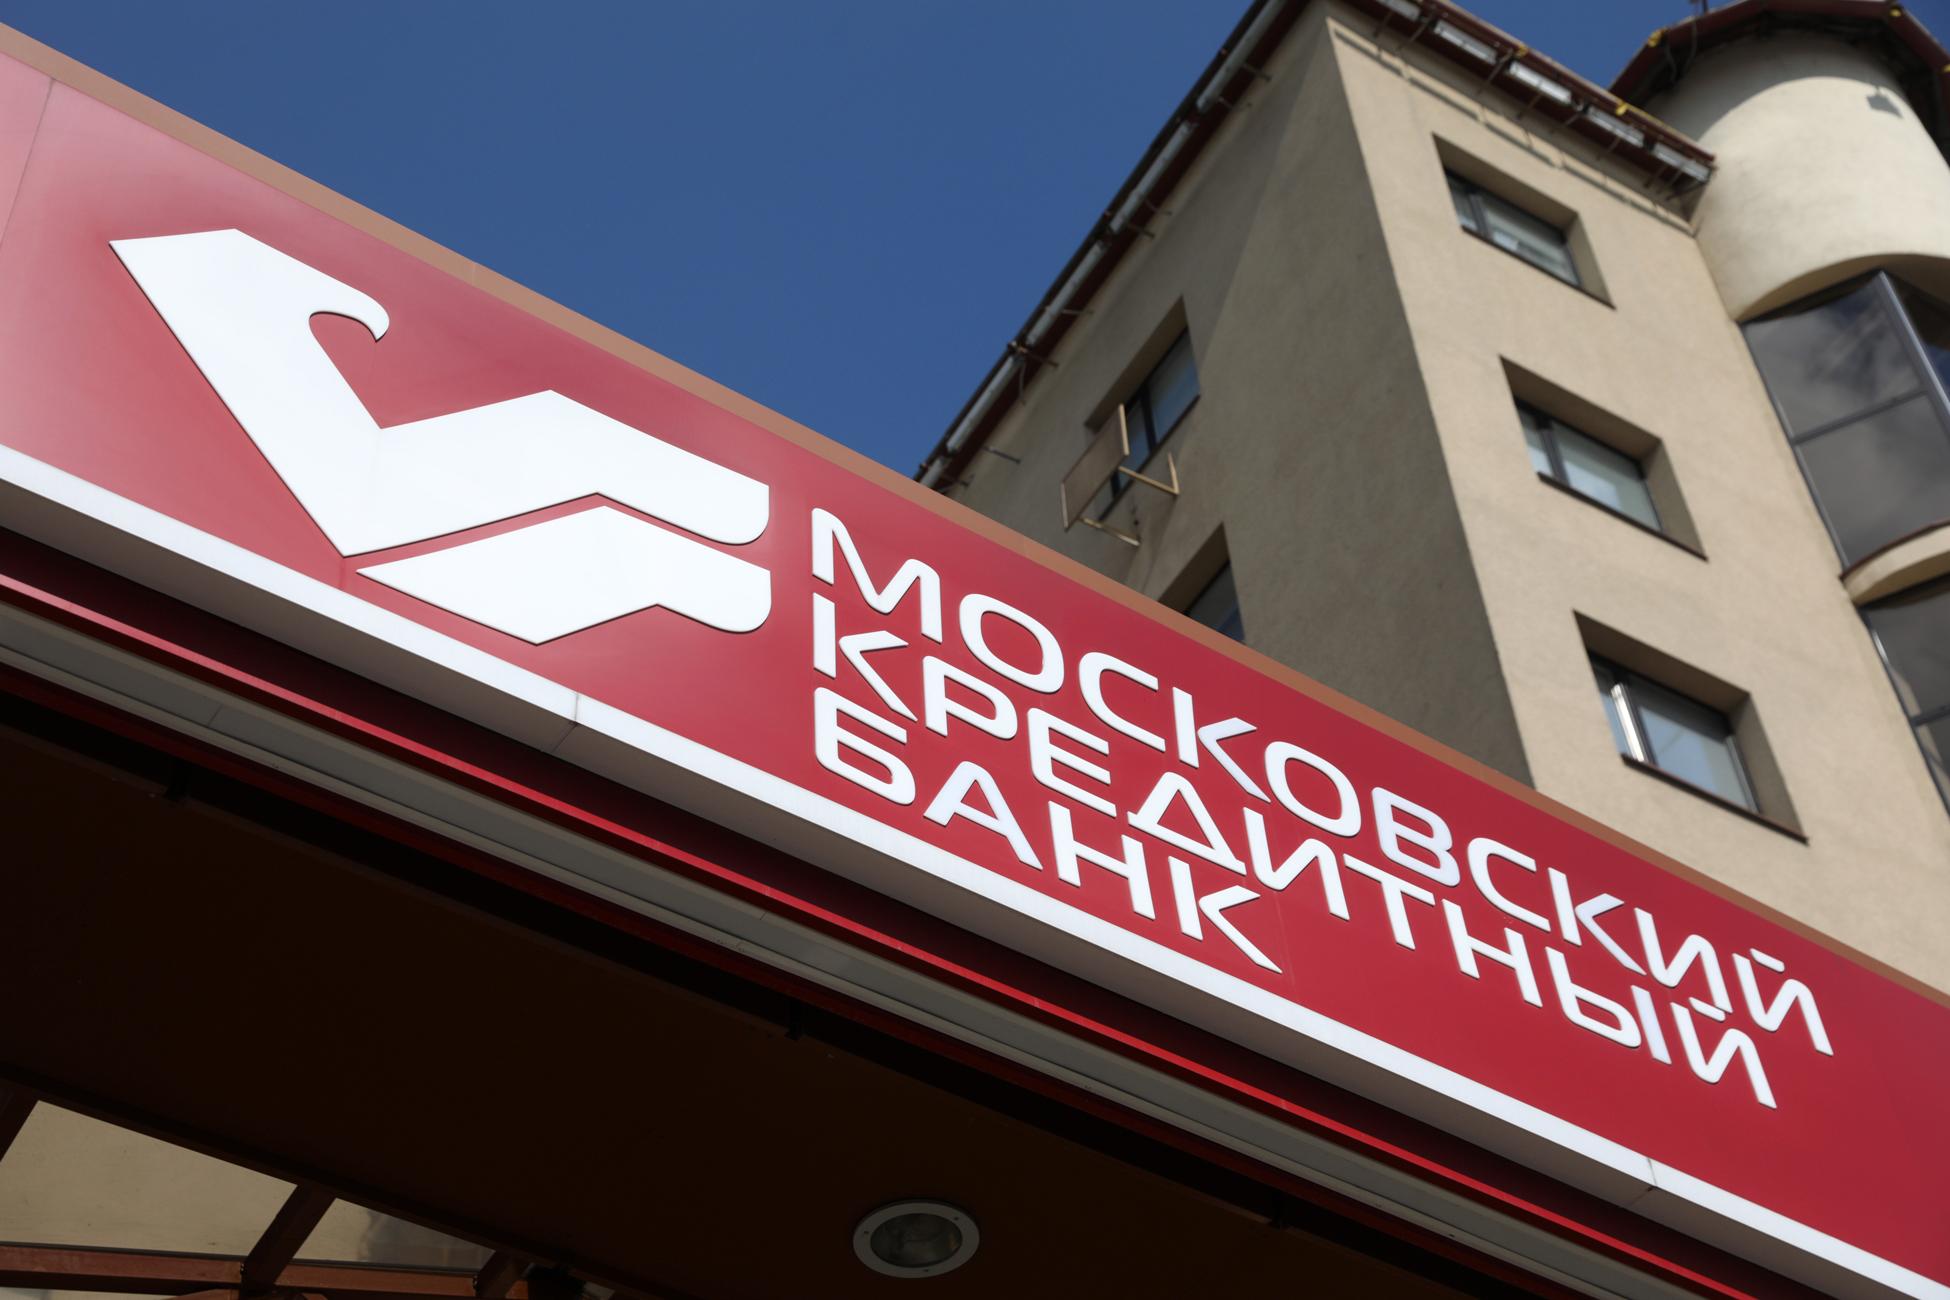 Майский шоппинг. МКБ проанализировал покупки россиян в длинные выходные - новости Афанасий